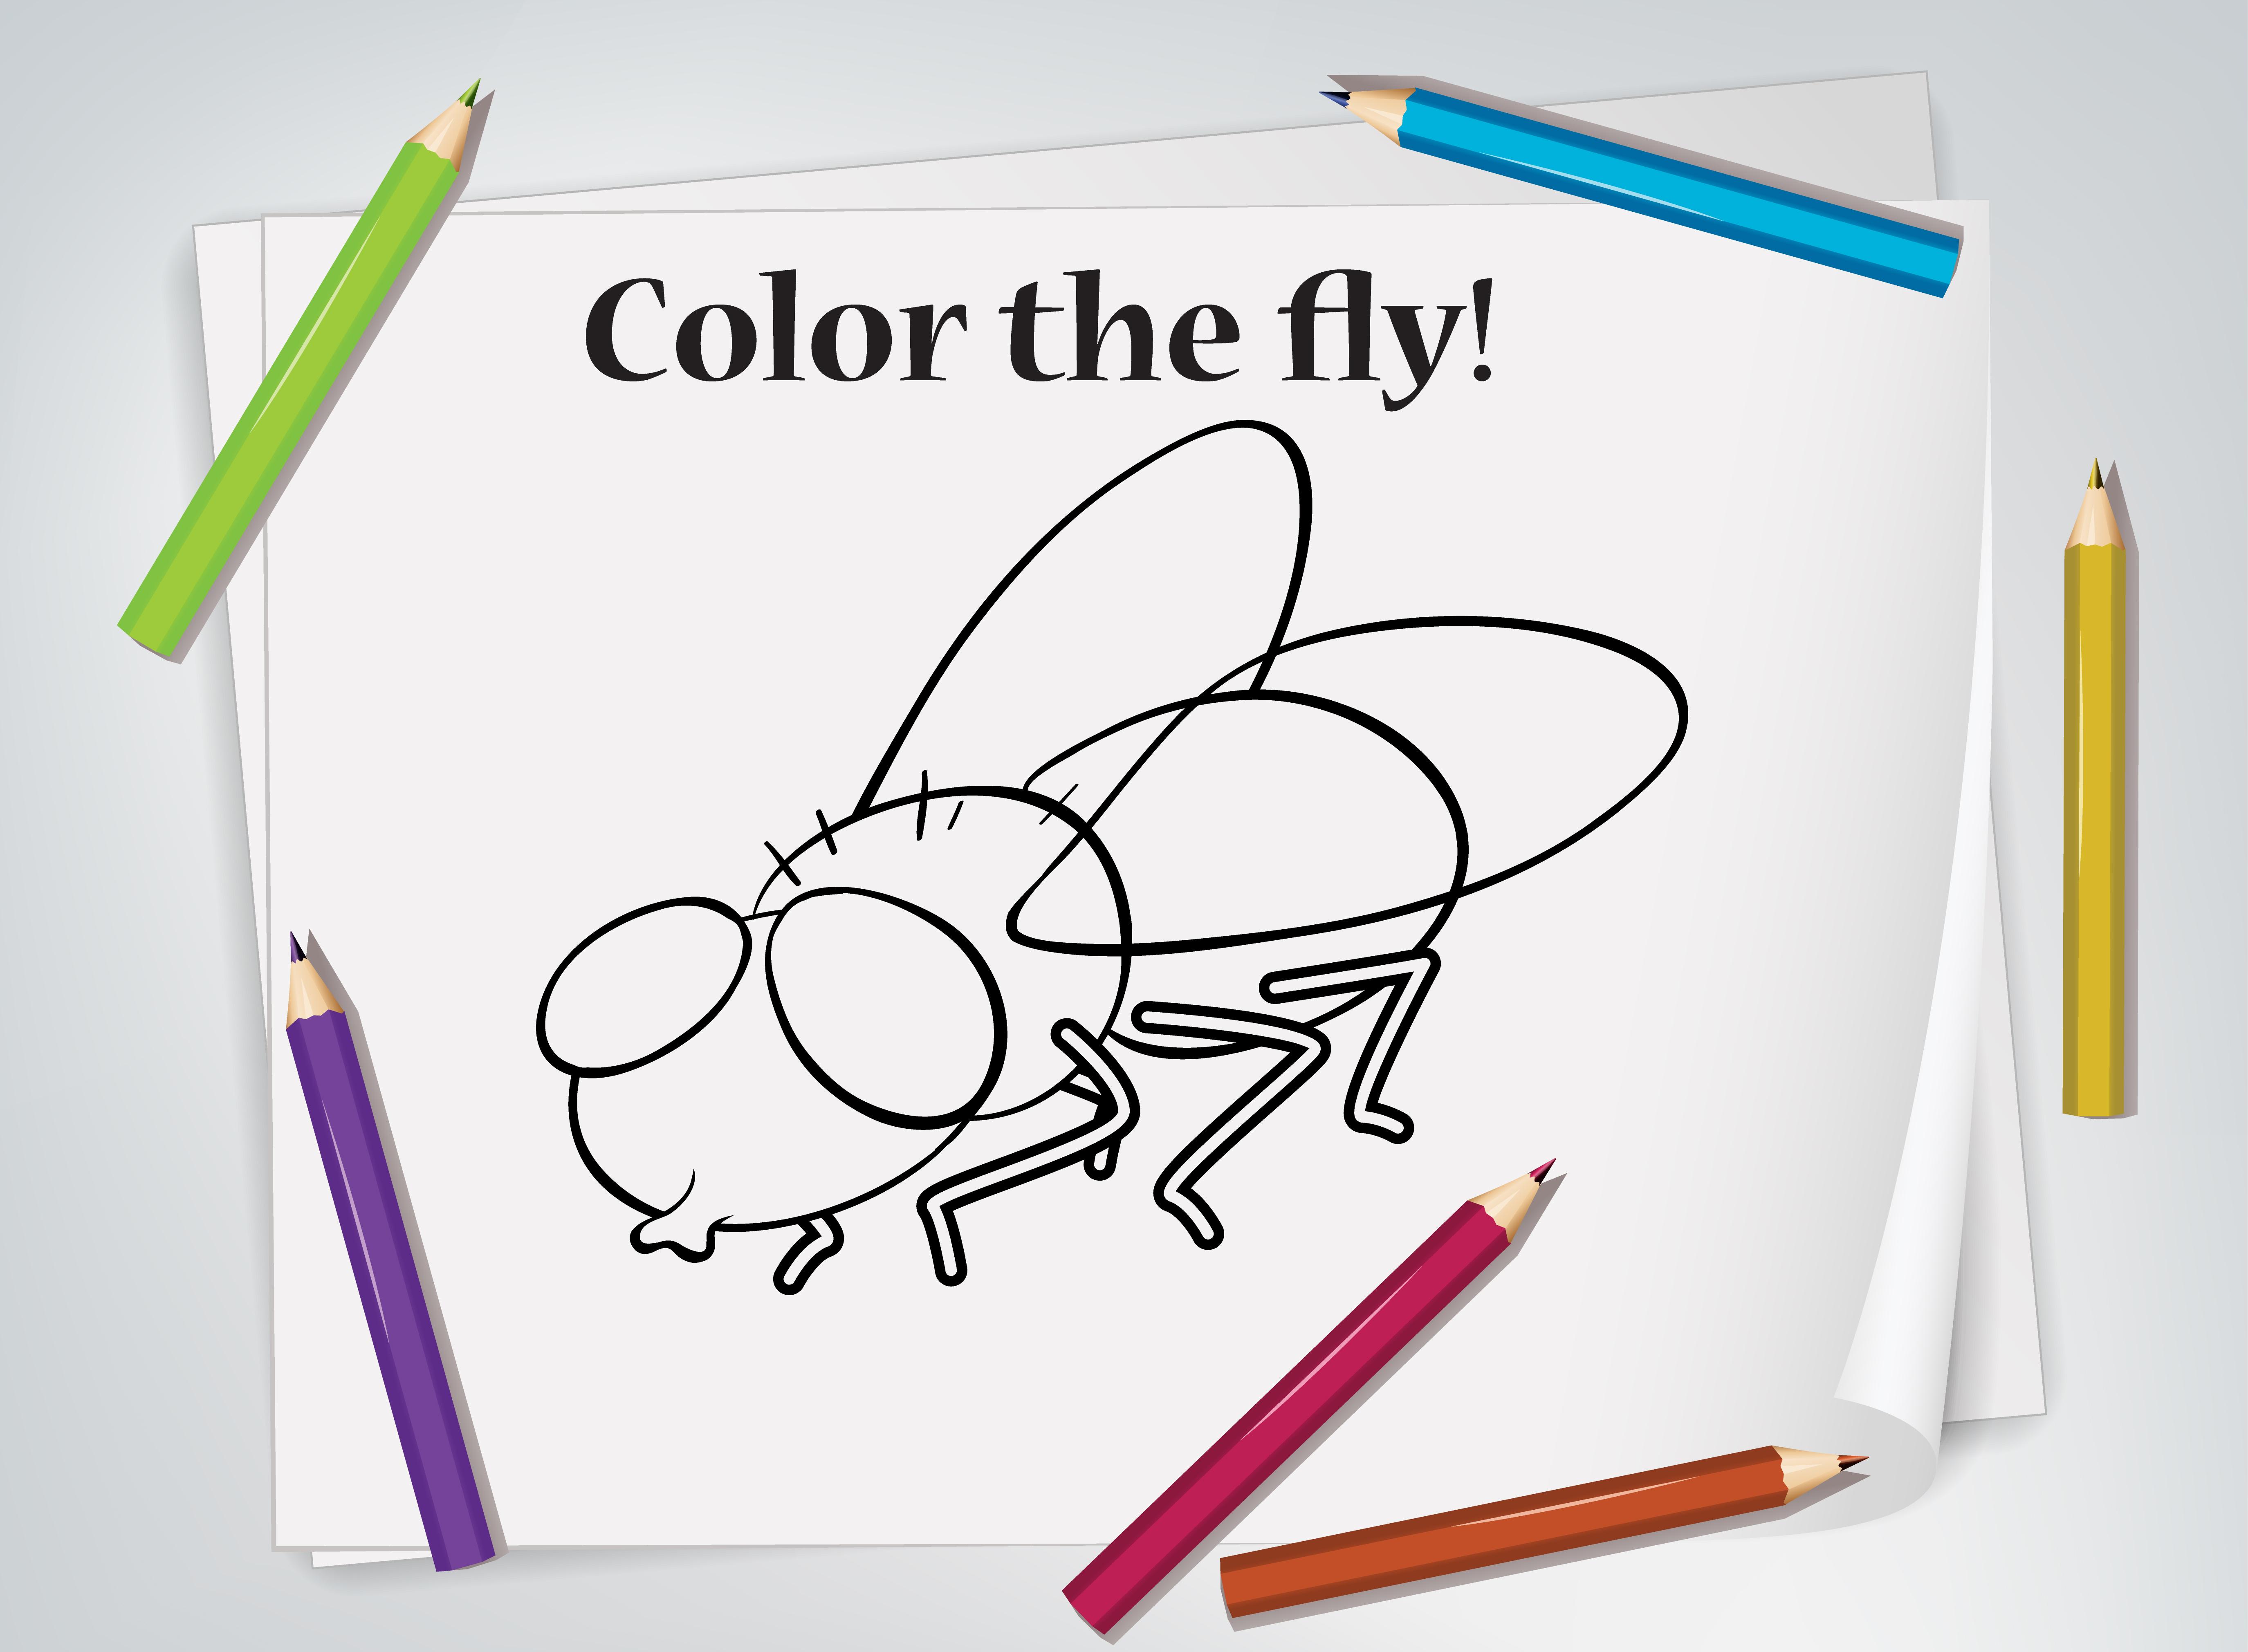 Feuille De Coloriage Pour Enfants Telecharger Vectoriel Gratuit Clipart Graphique Vecteur Dessins Et Pictogramme Gratuit